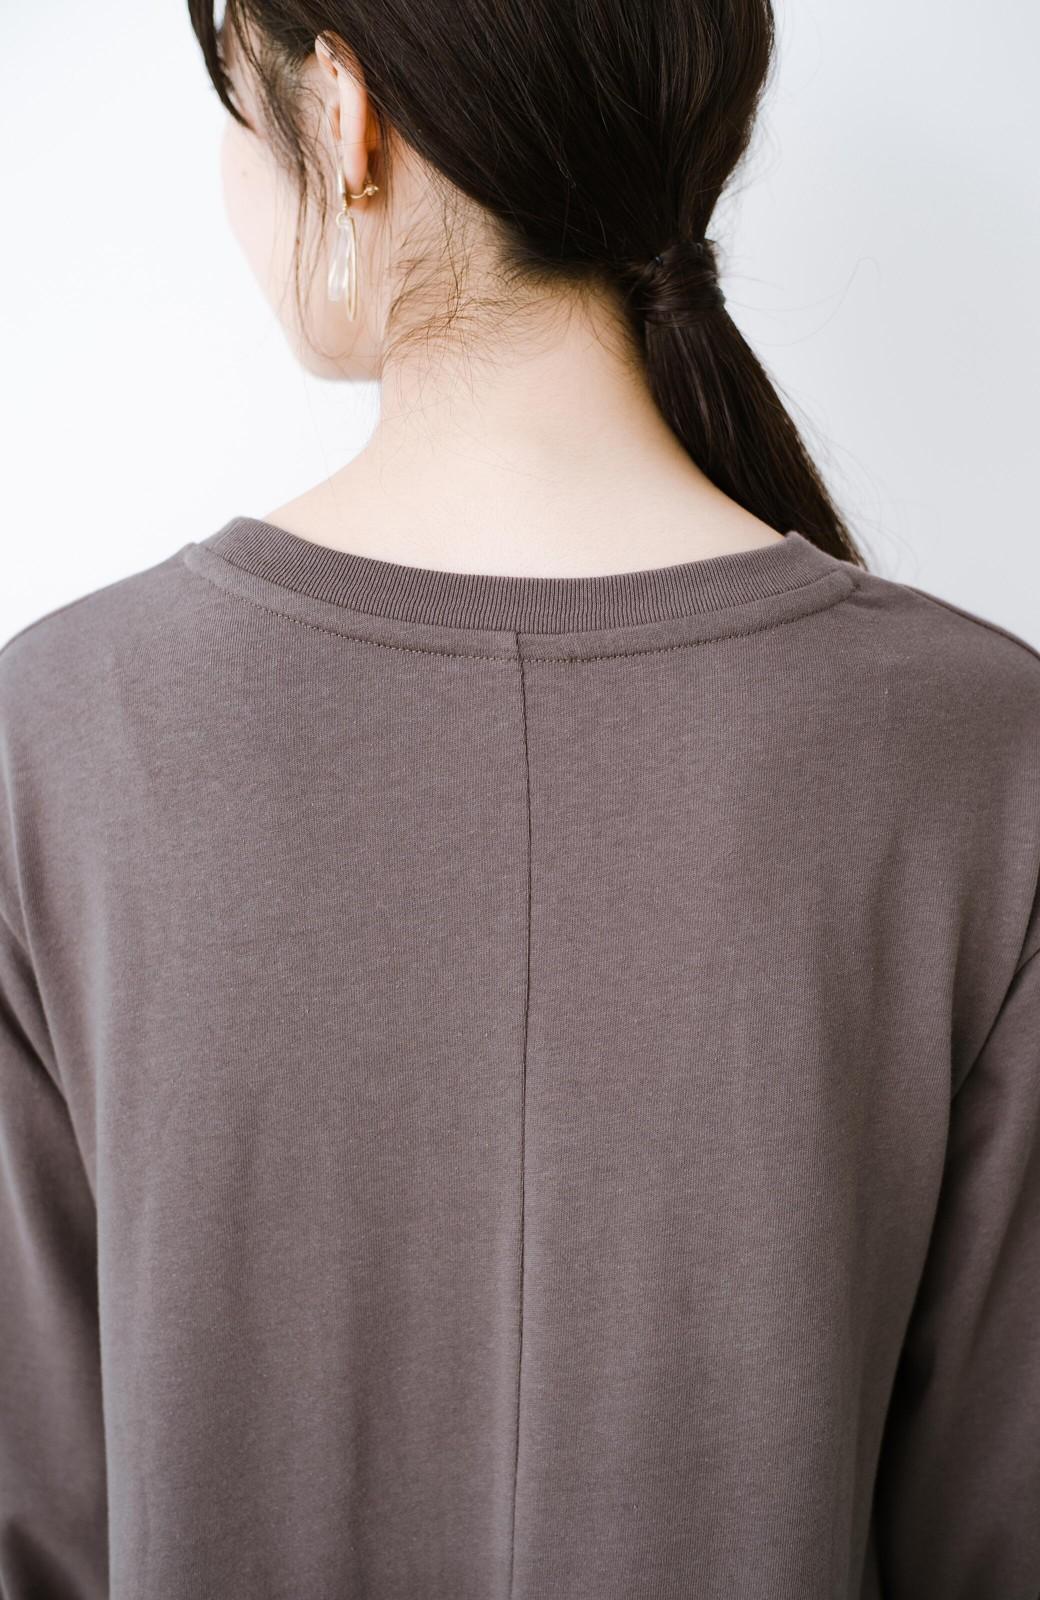 haco! 1枚で完璧シルエット!ぽんわり袖がかわいい楽ちんカットソーワンピース <ブラウン>の商品写真3